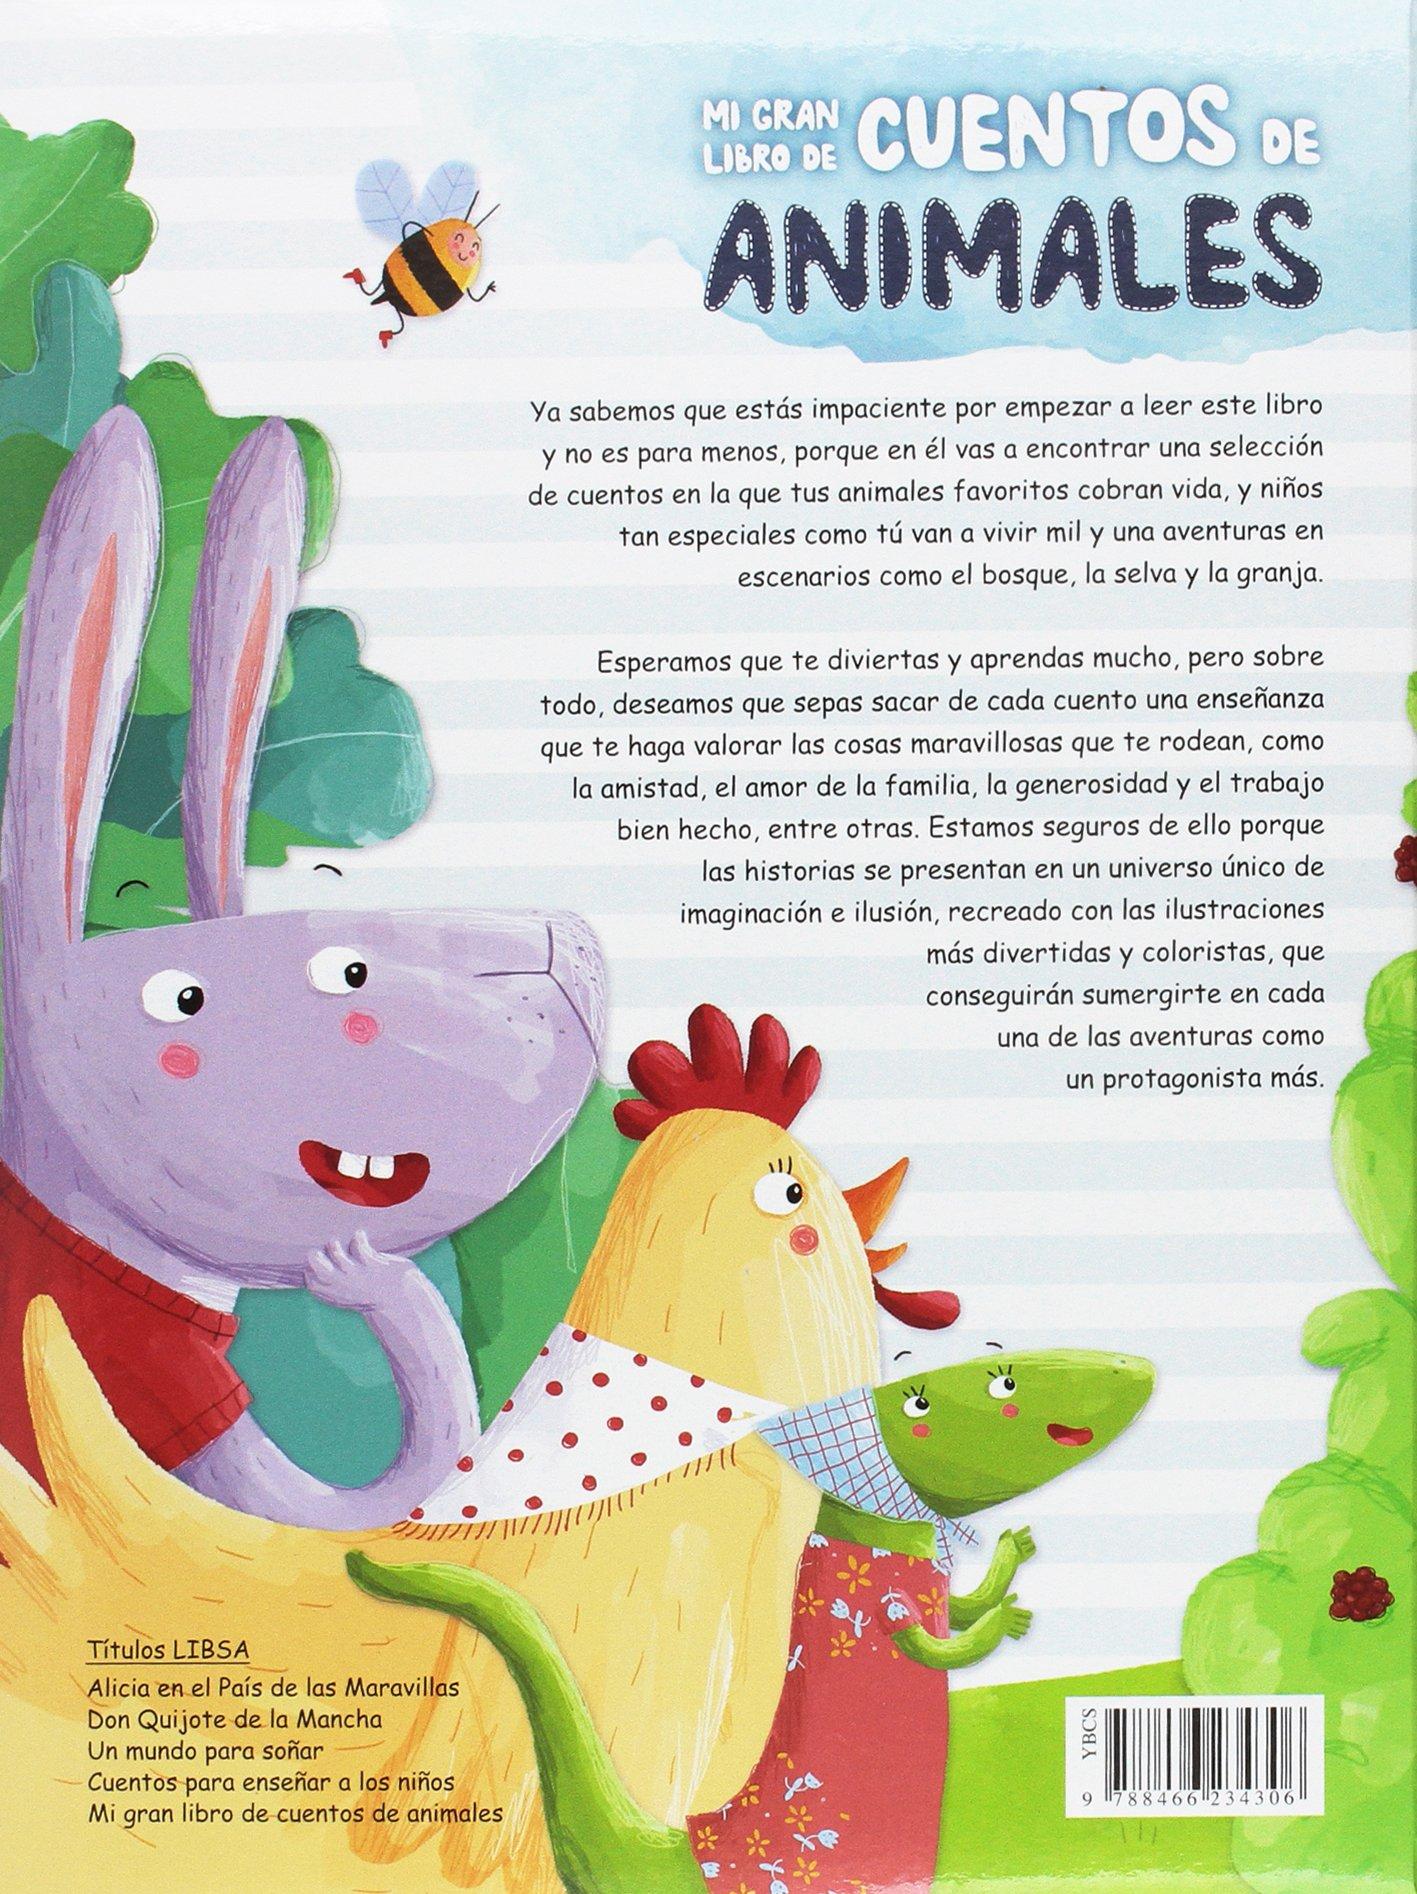 Mi Gran Libro De Cuentos De Animales Aprende Valores Universales A Través De Los Cuentos Spanish Edition Equipo Editorial 9788466234306 Books